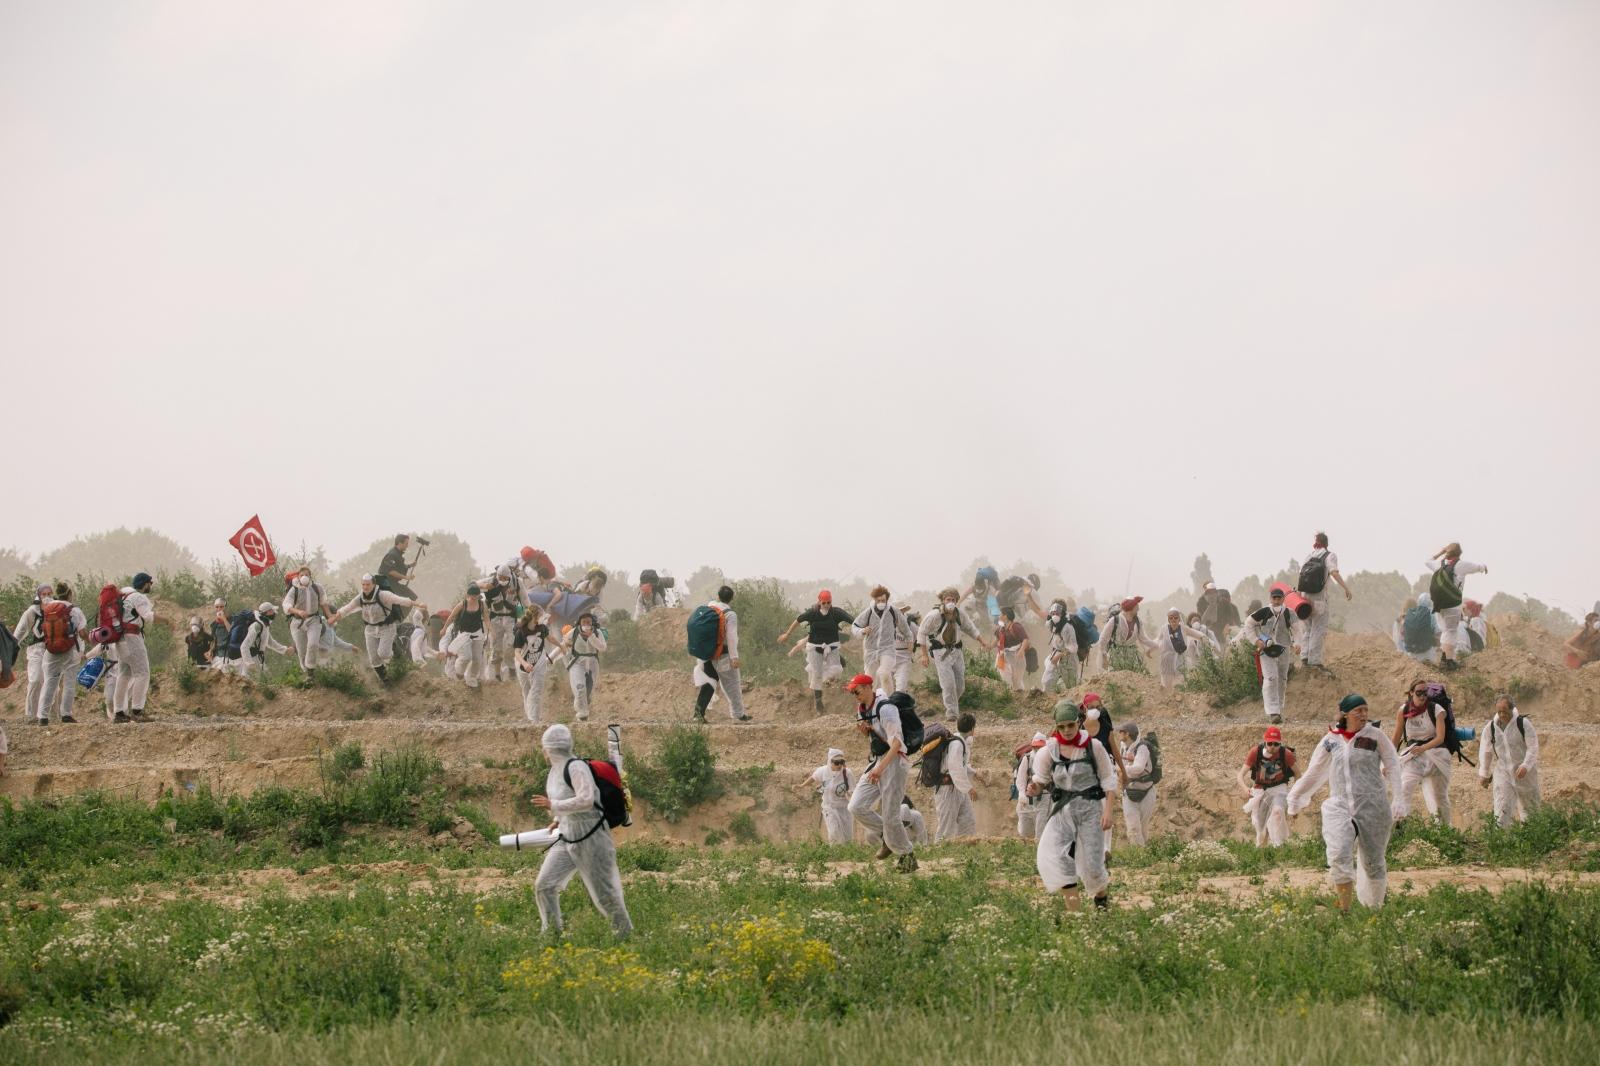 Activists storm a rampart near the open-cast coal-pit Garzweiler. 06-22-2019